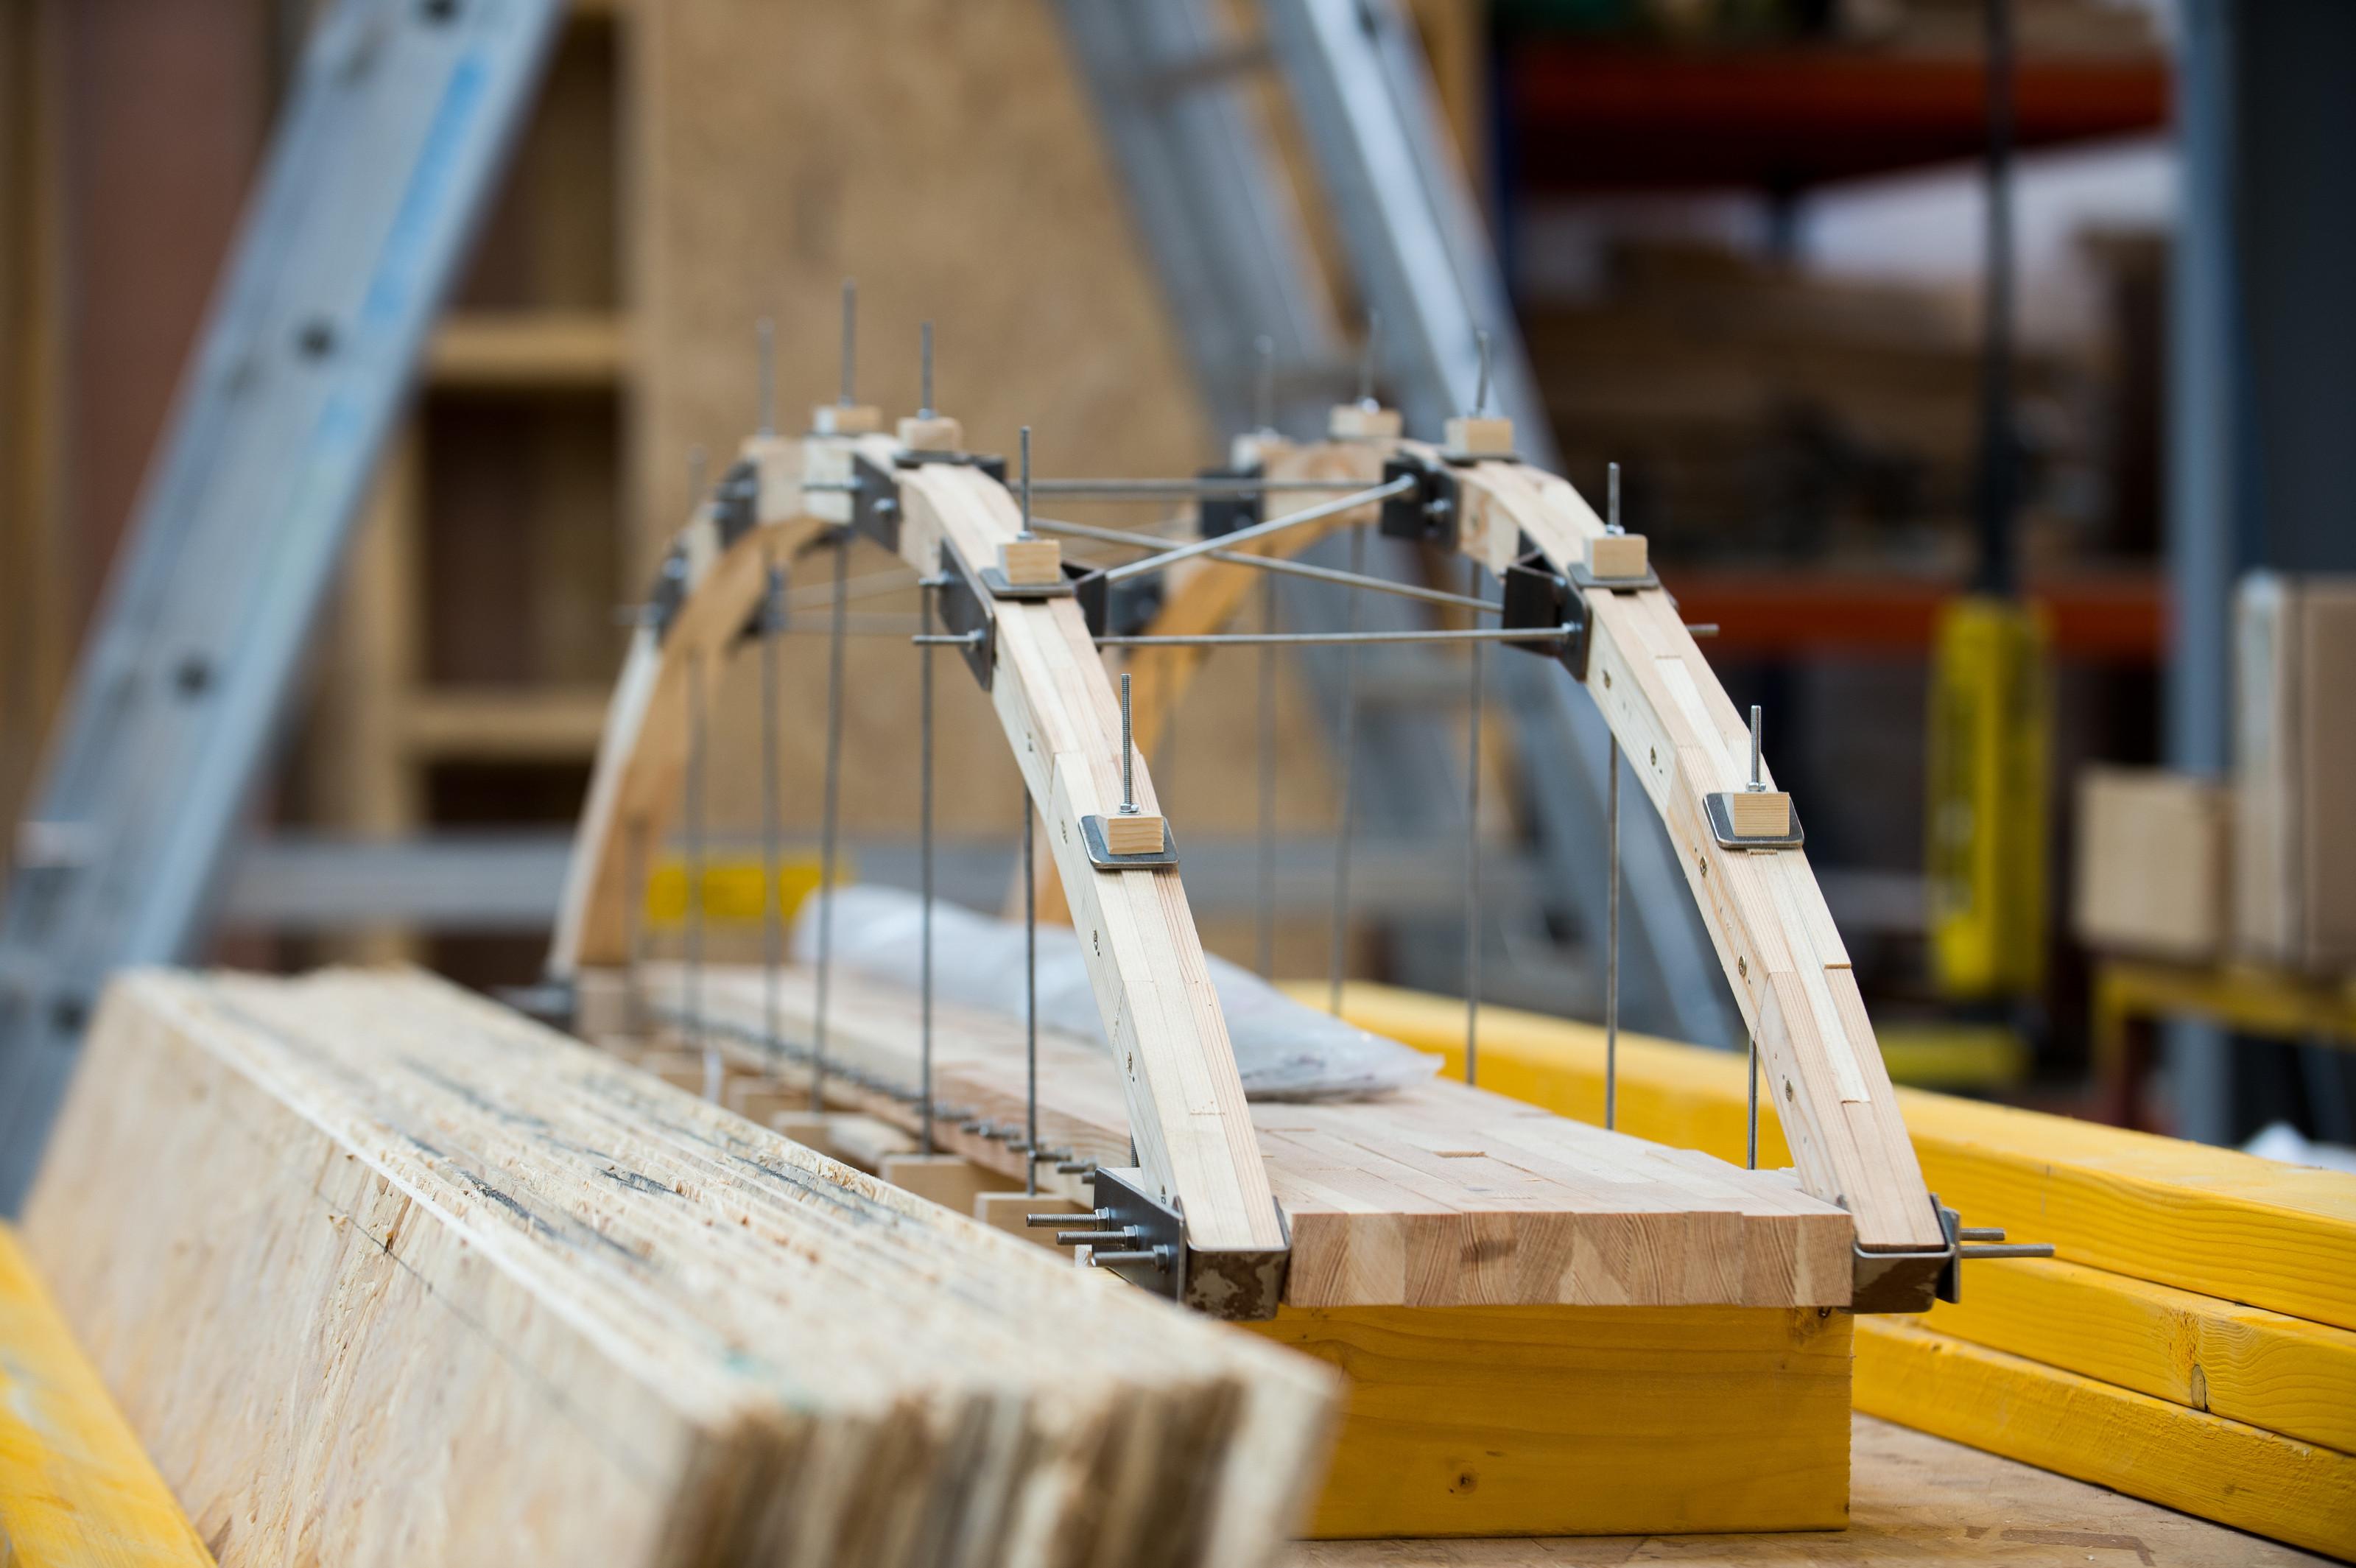 Building workshop